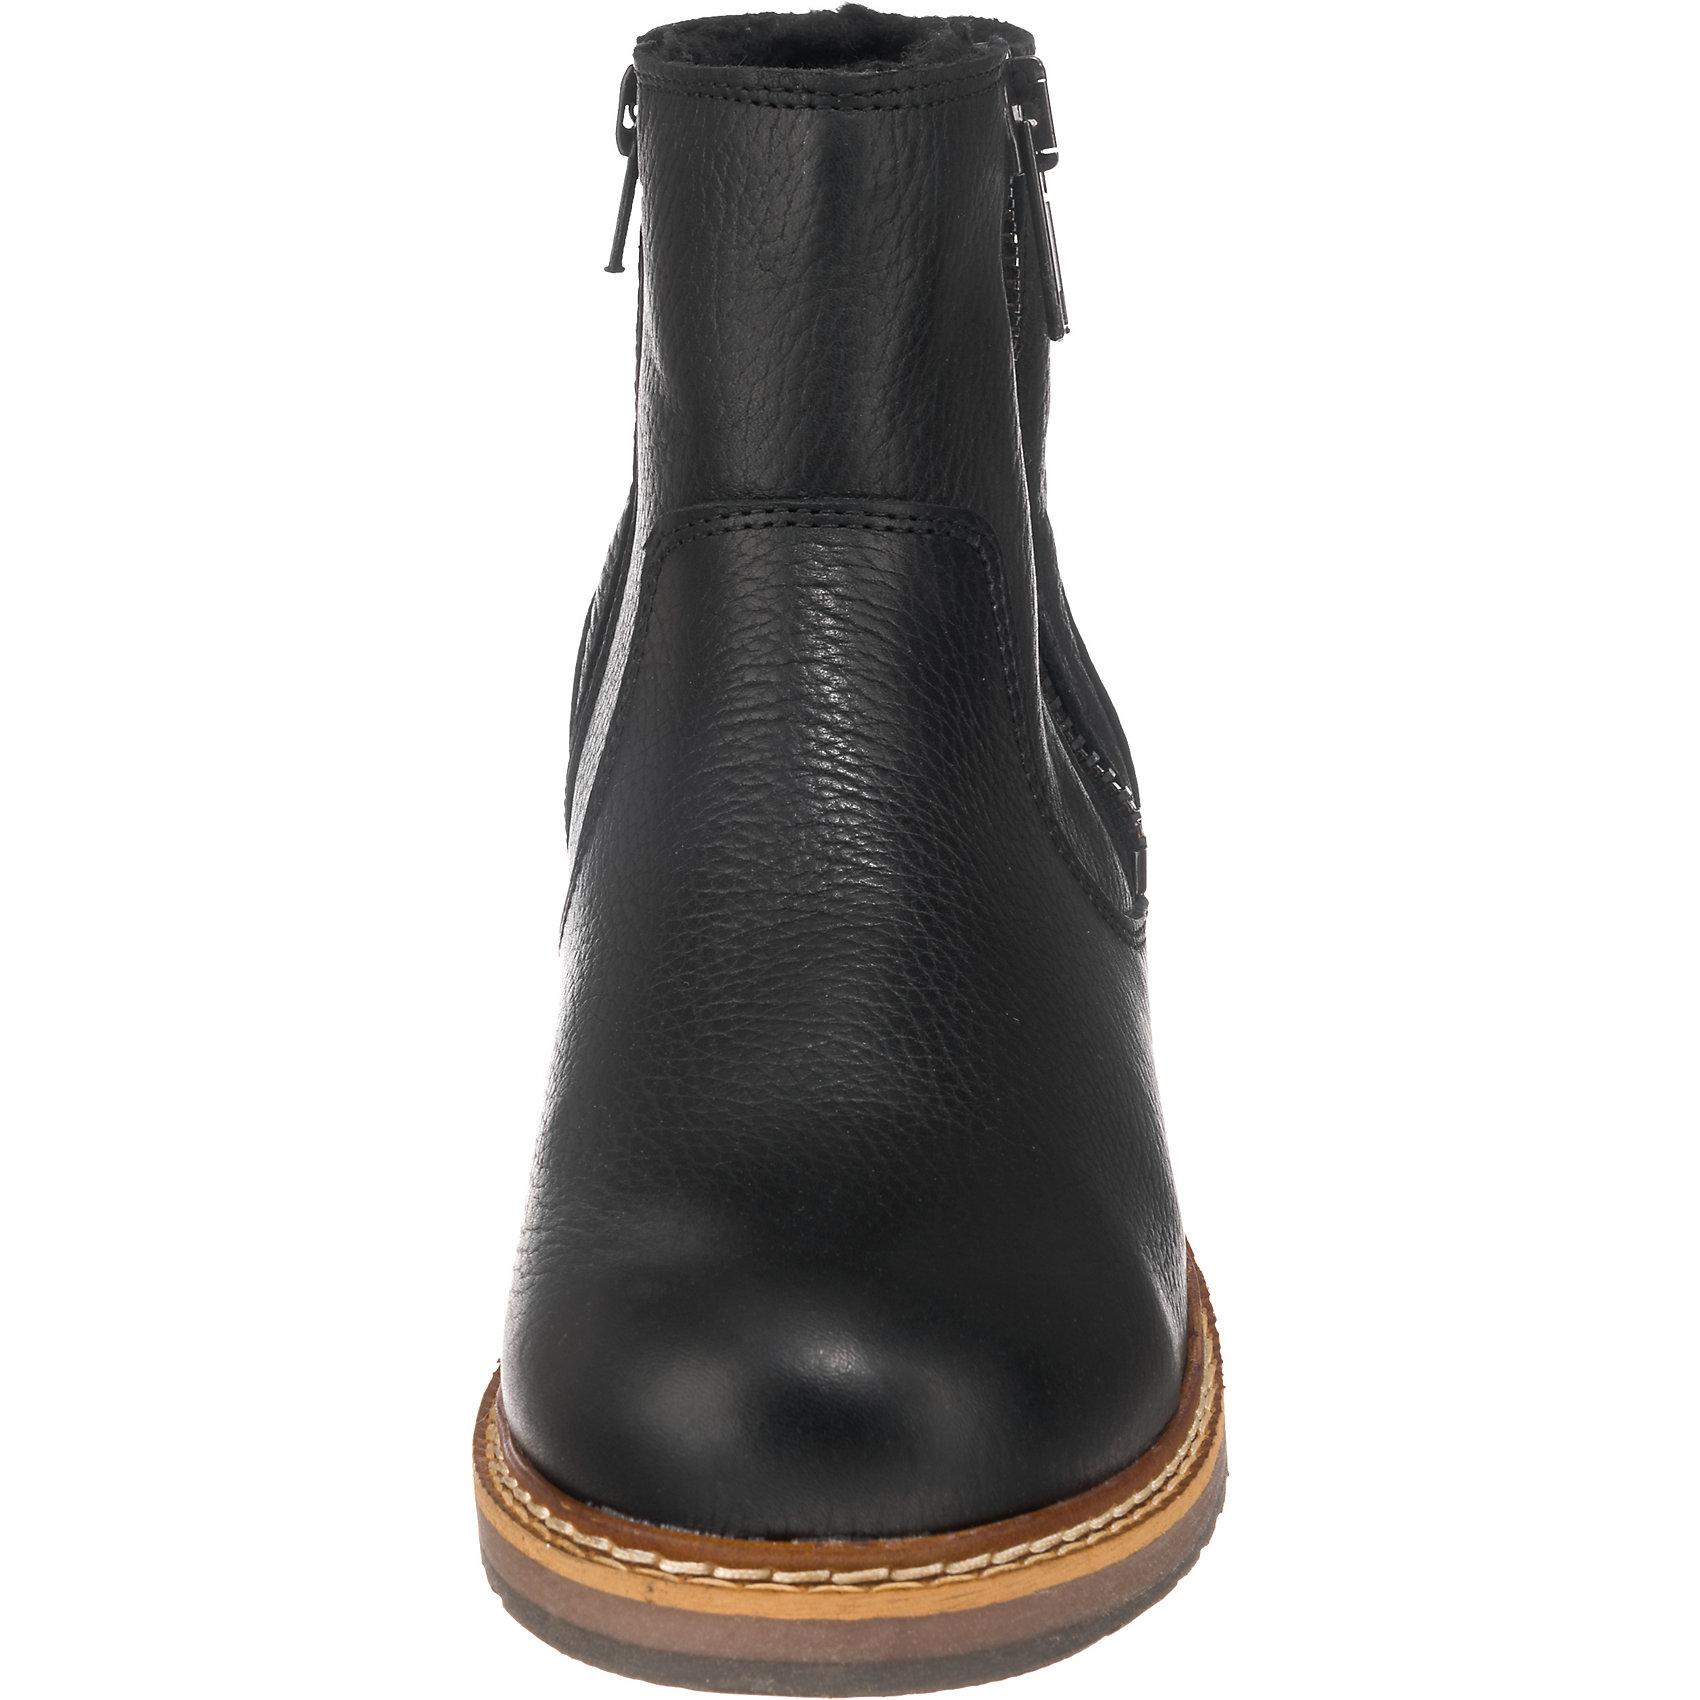 Neu BULLBOXER Stiefeletten 5778543 für Damen cognac schwarz